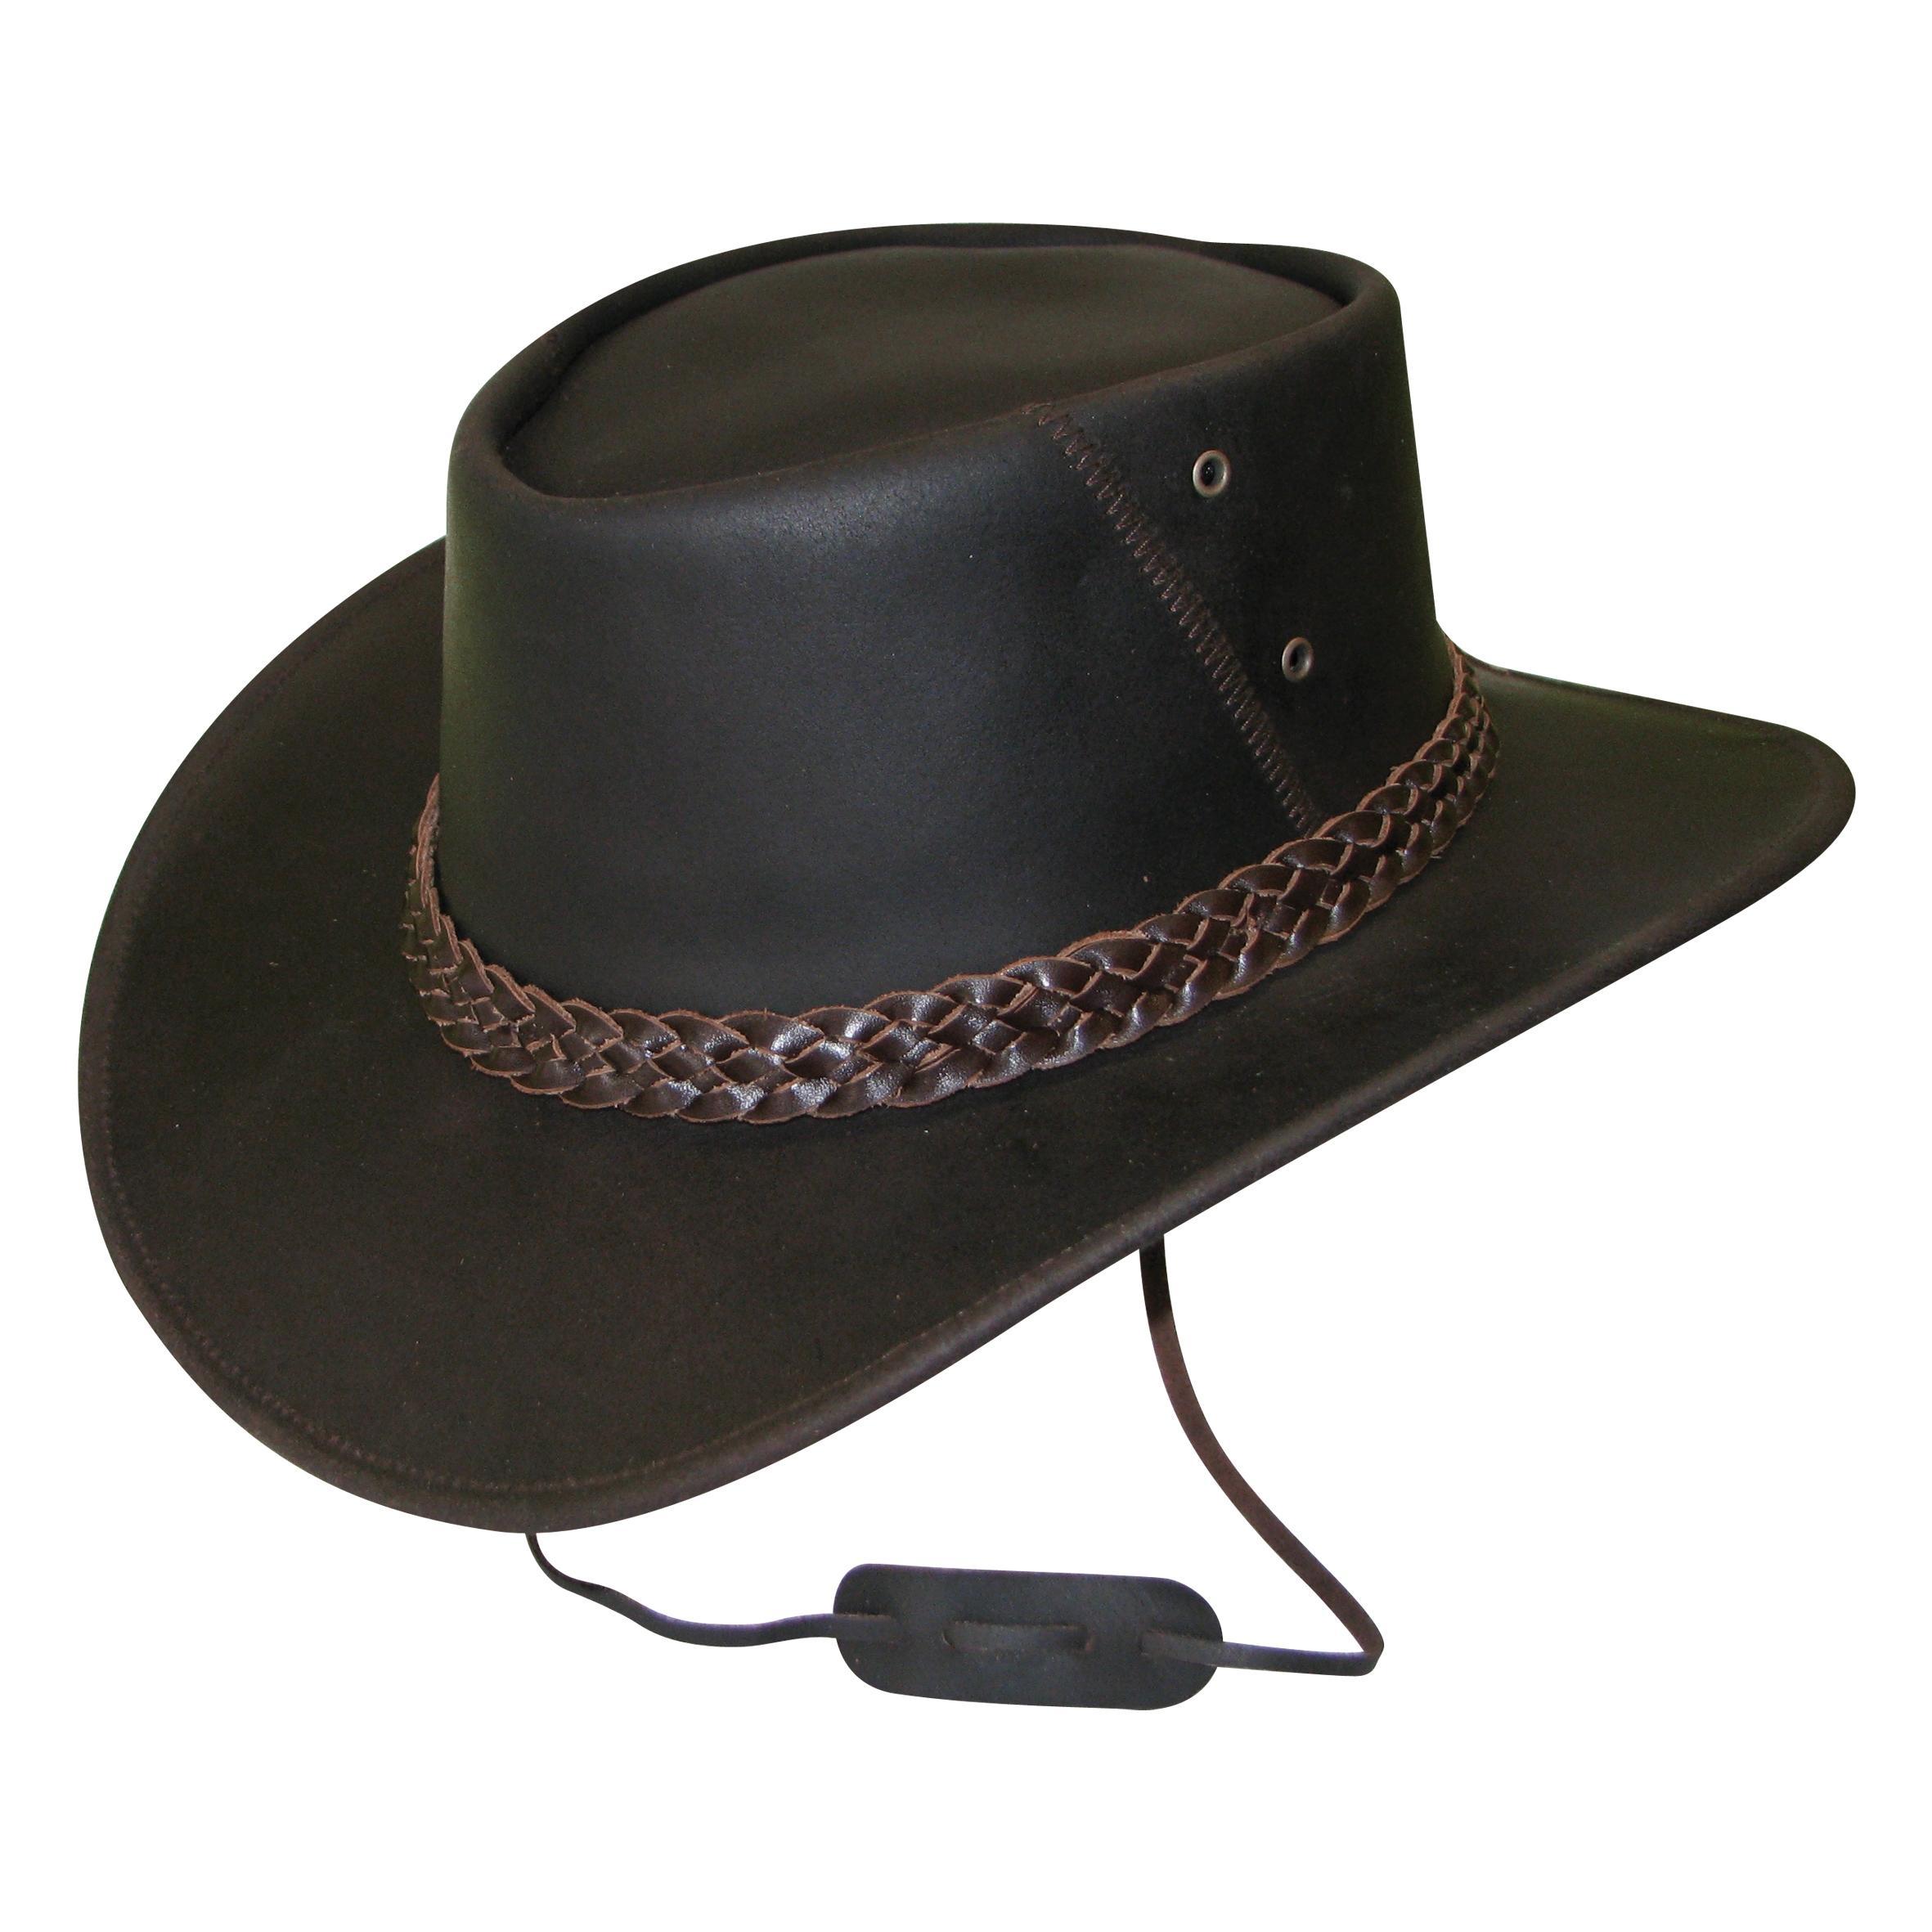 ff6910a88c757 Sombrero equitación adulto BANDJO marrón No brand